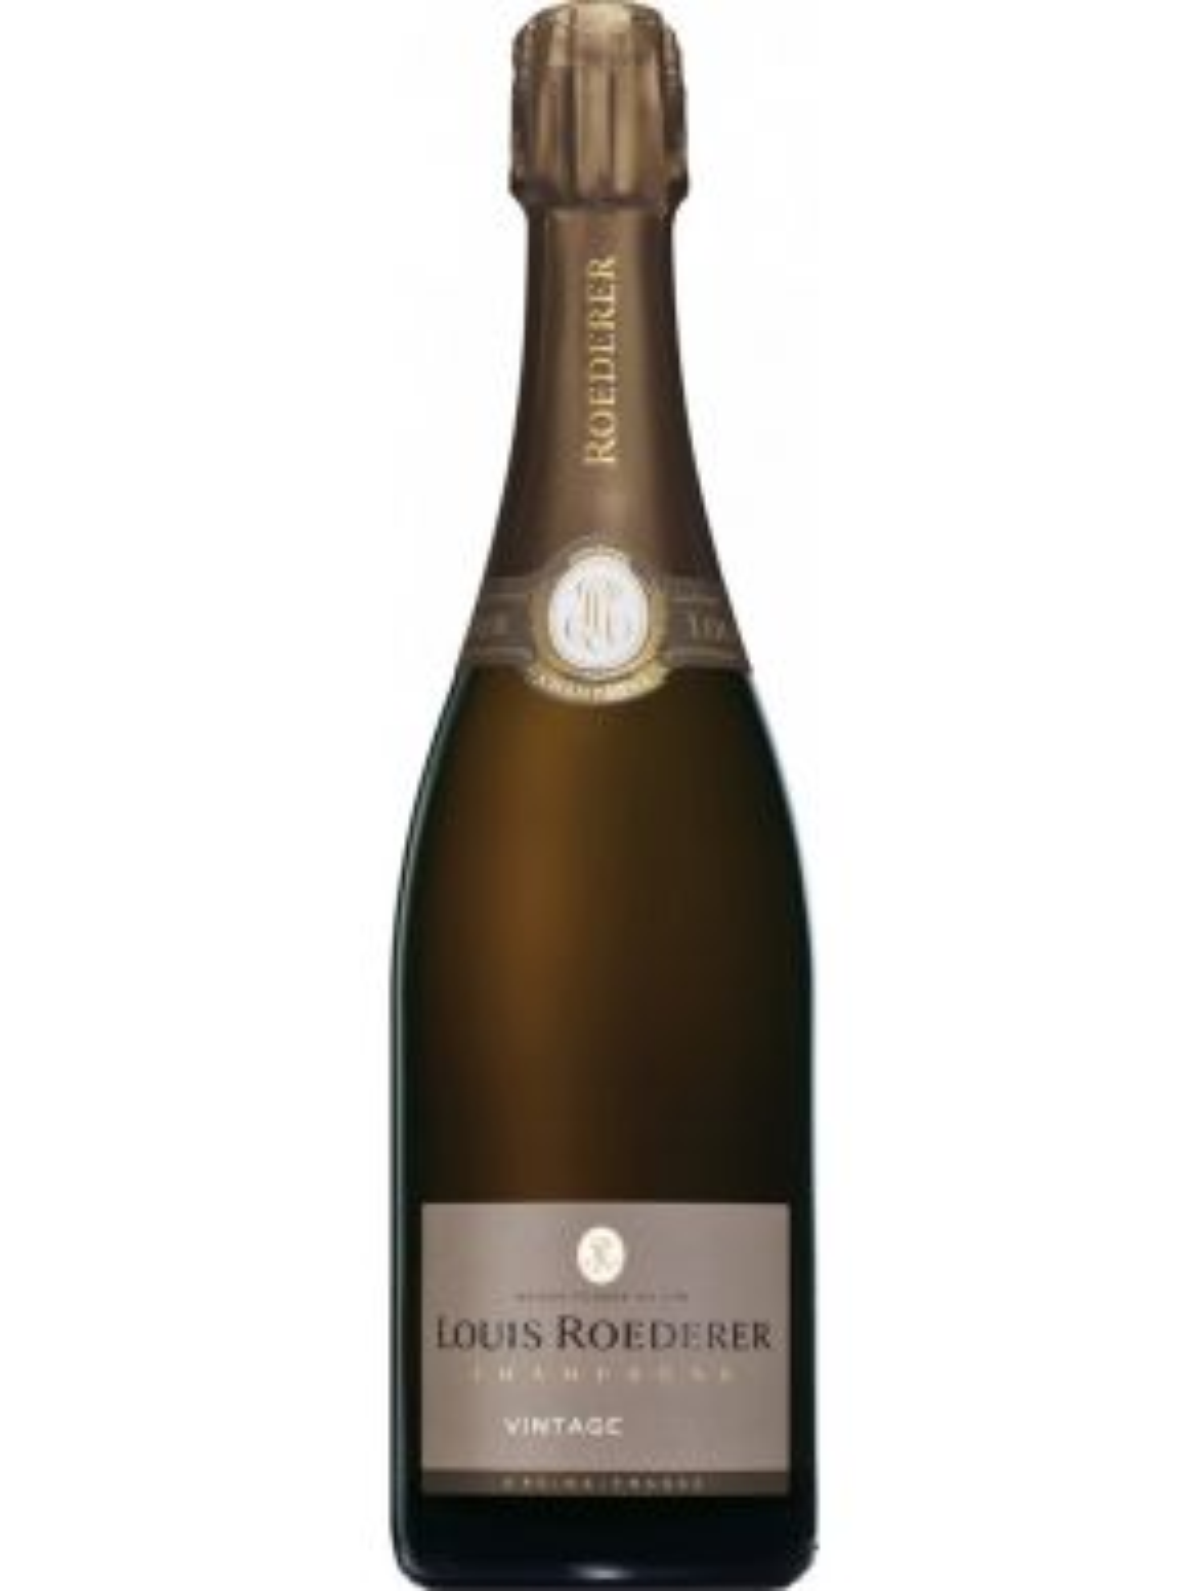 Louis Roederer 2009 Vintage Brut Champagne 75cl